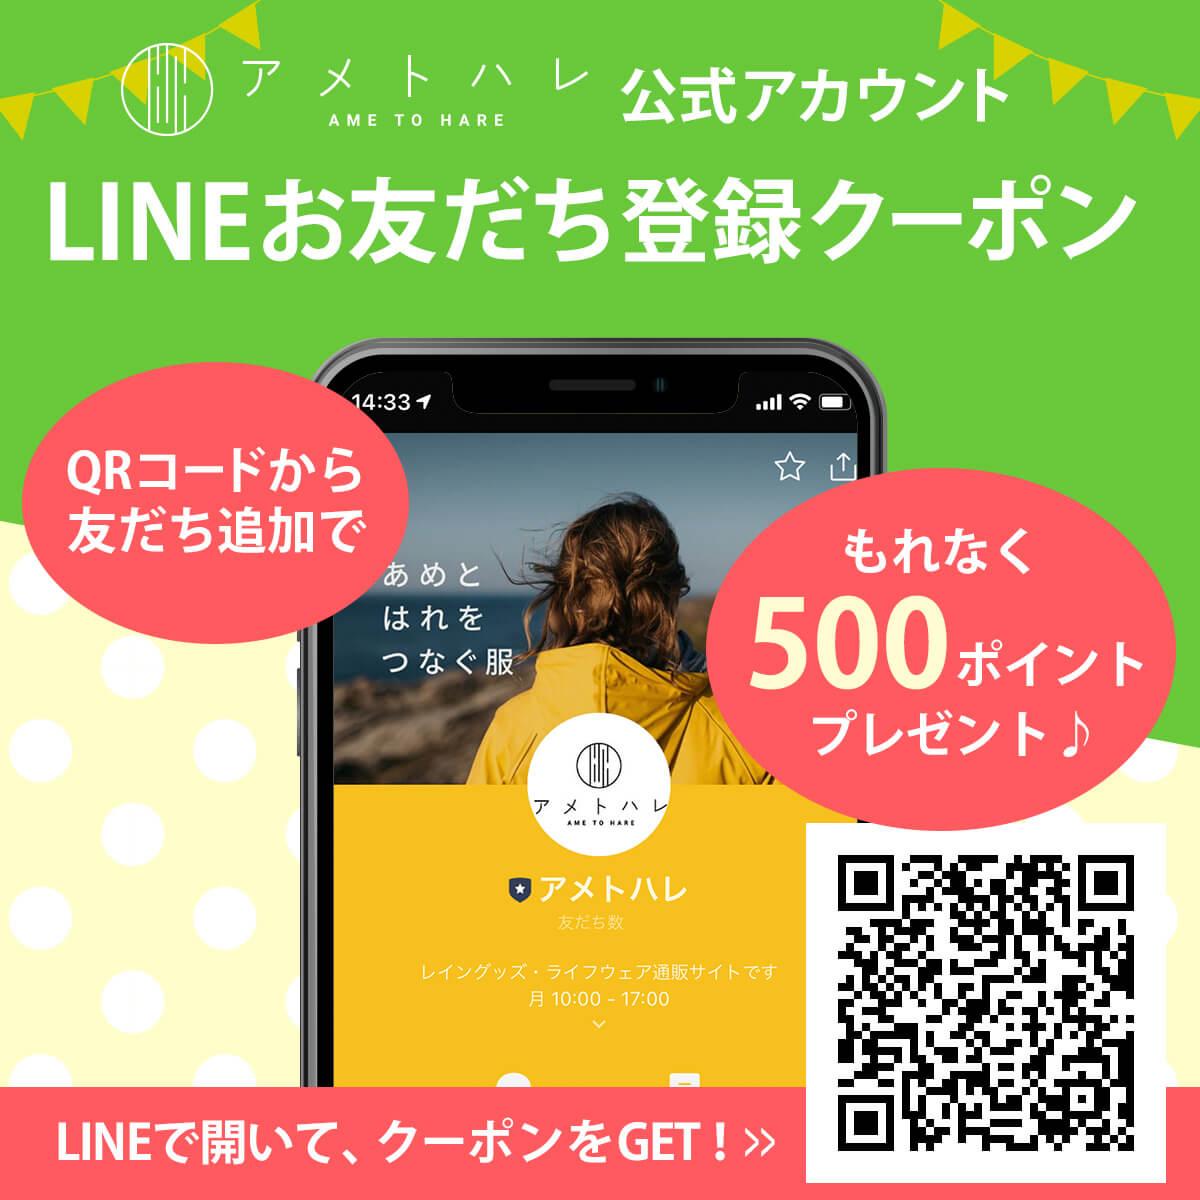 『LINE公式アカウント』開設!お友だち全員に500円クーポン配布中♪